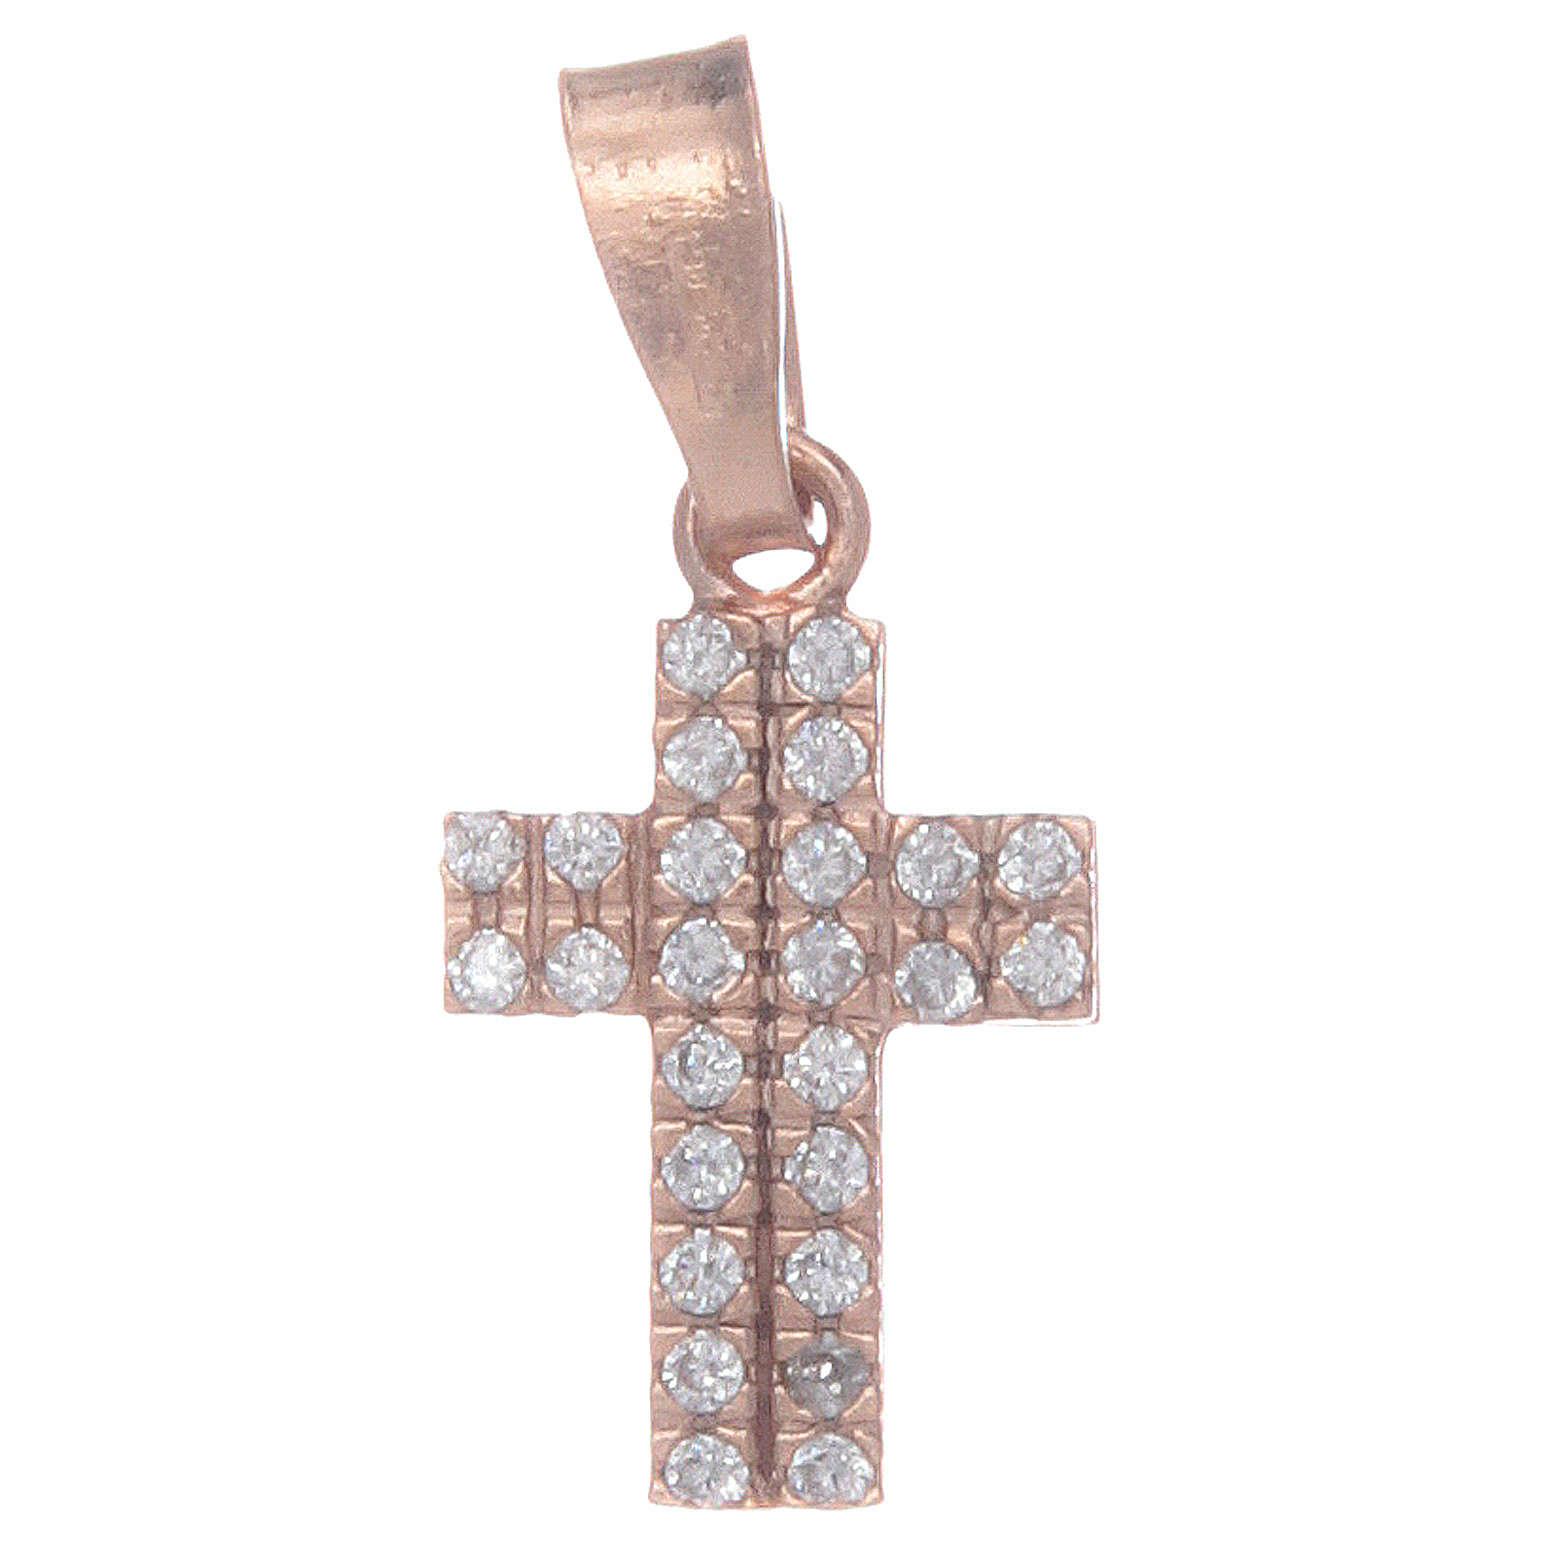 Croce rosata in argento 925 con zirconi trasparenti 4